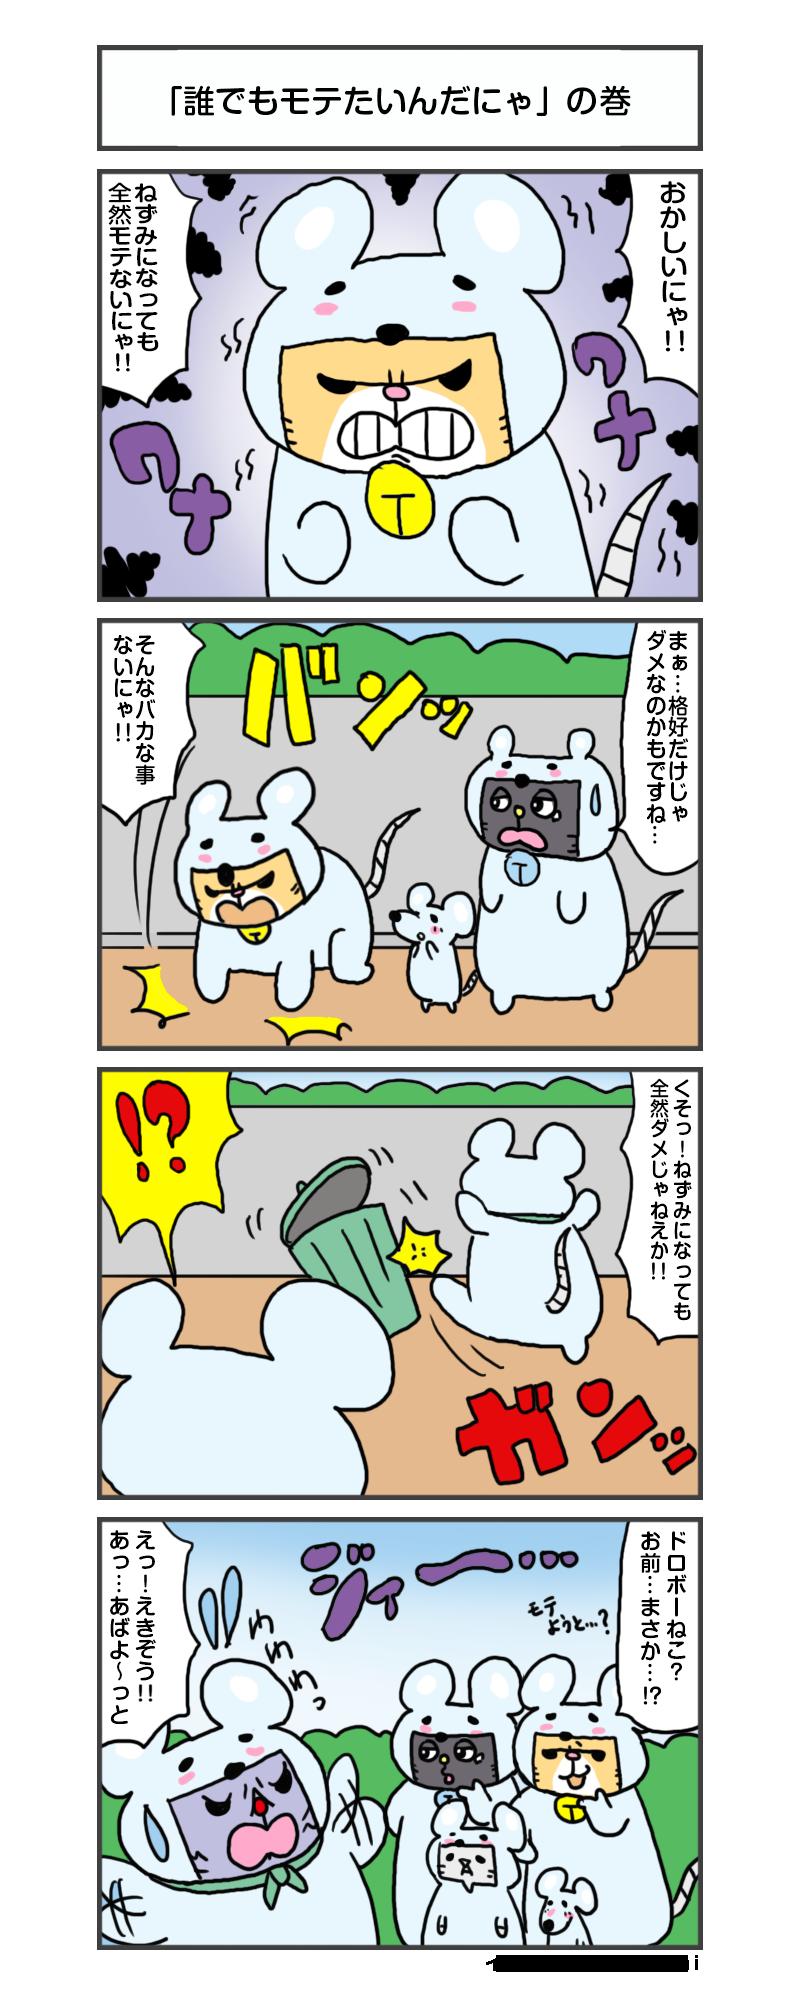 縺医″縺昴y縺・anga_vol.242